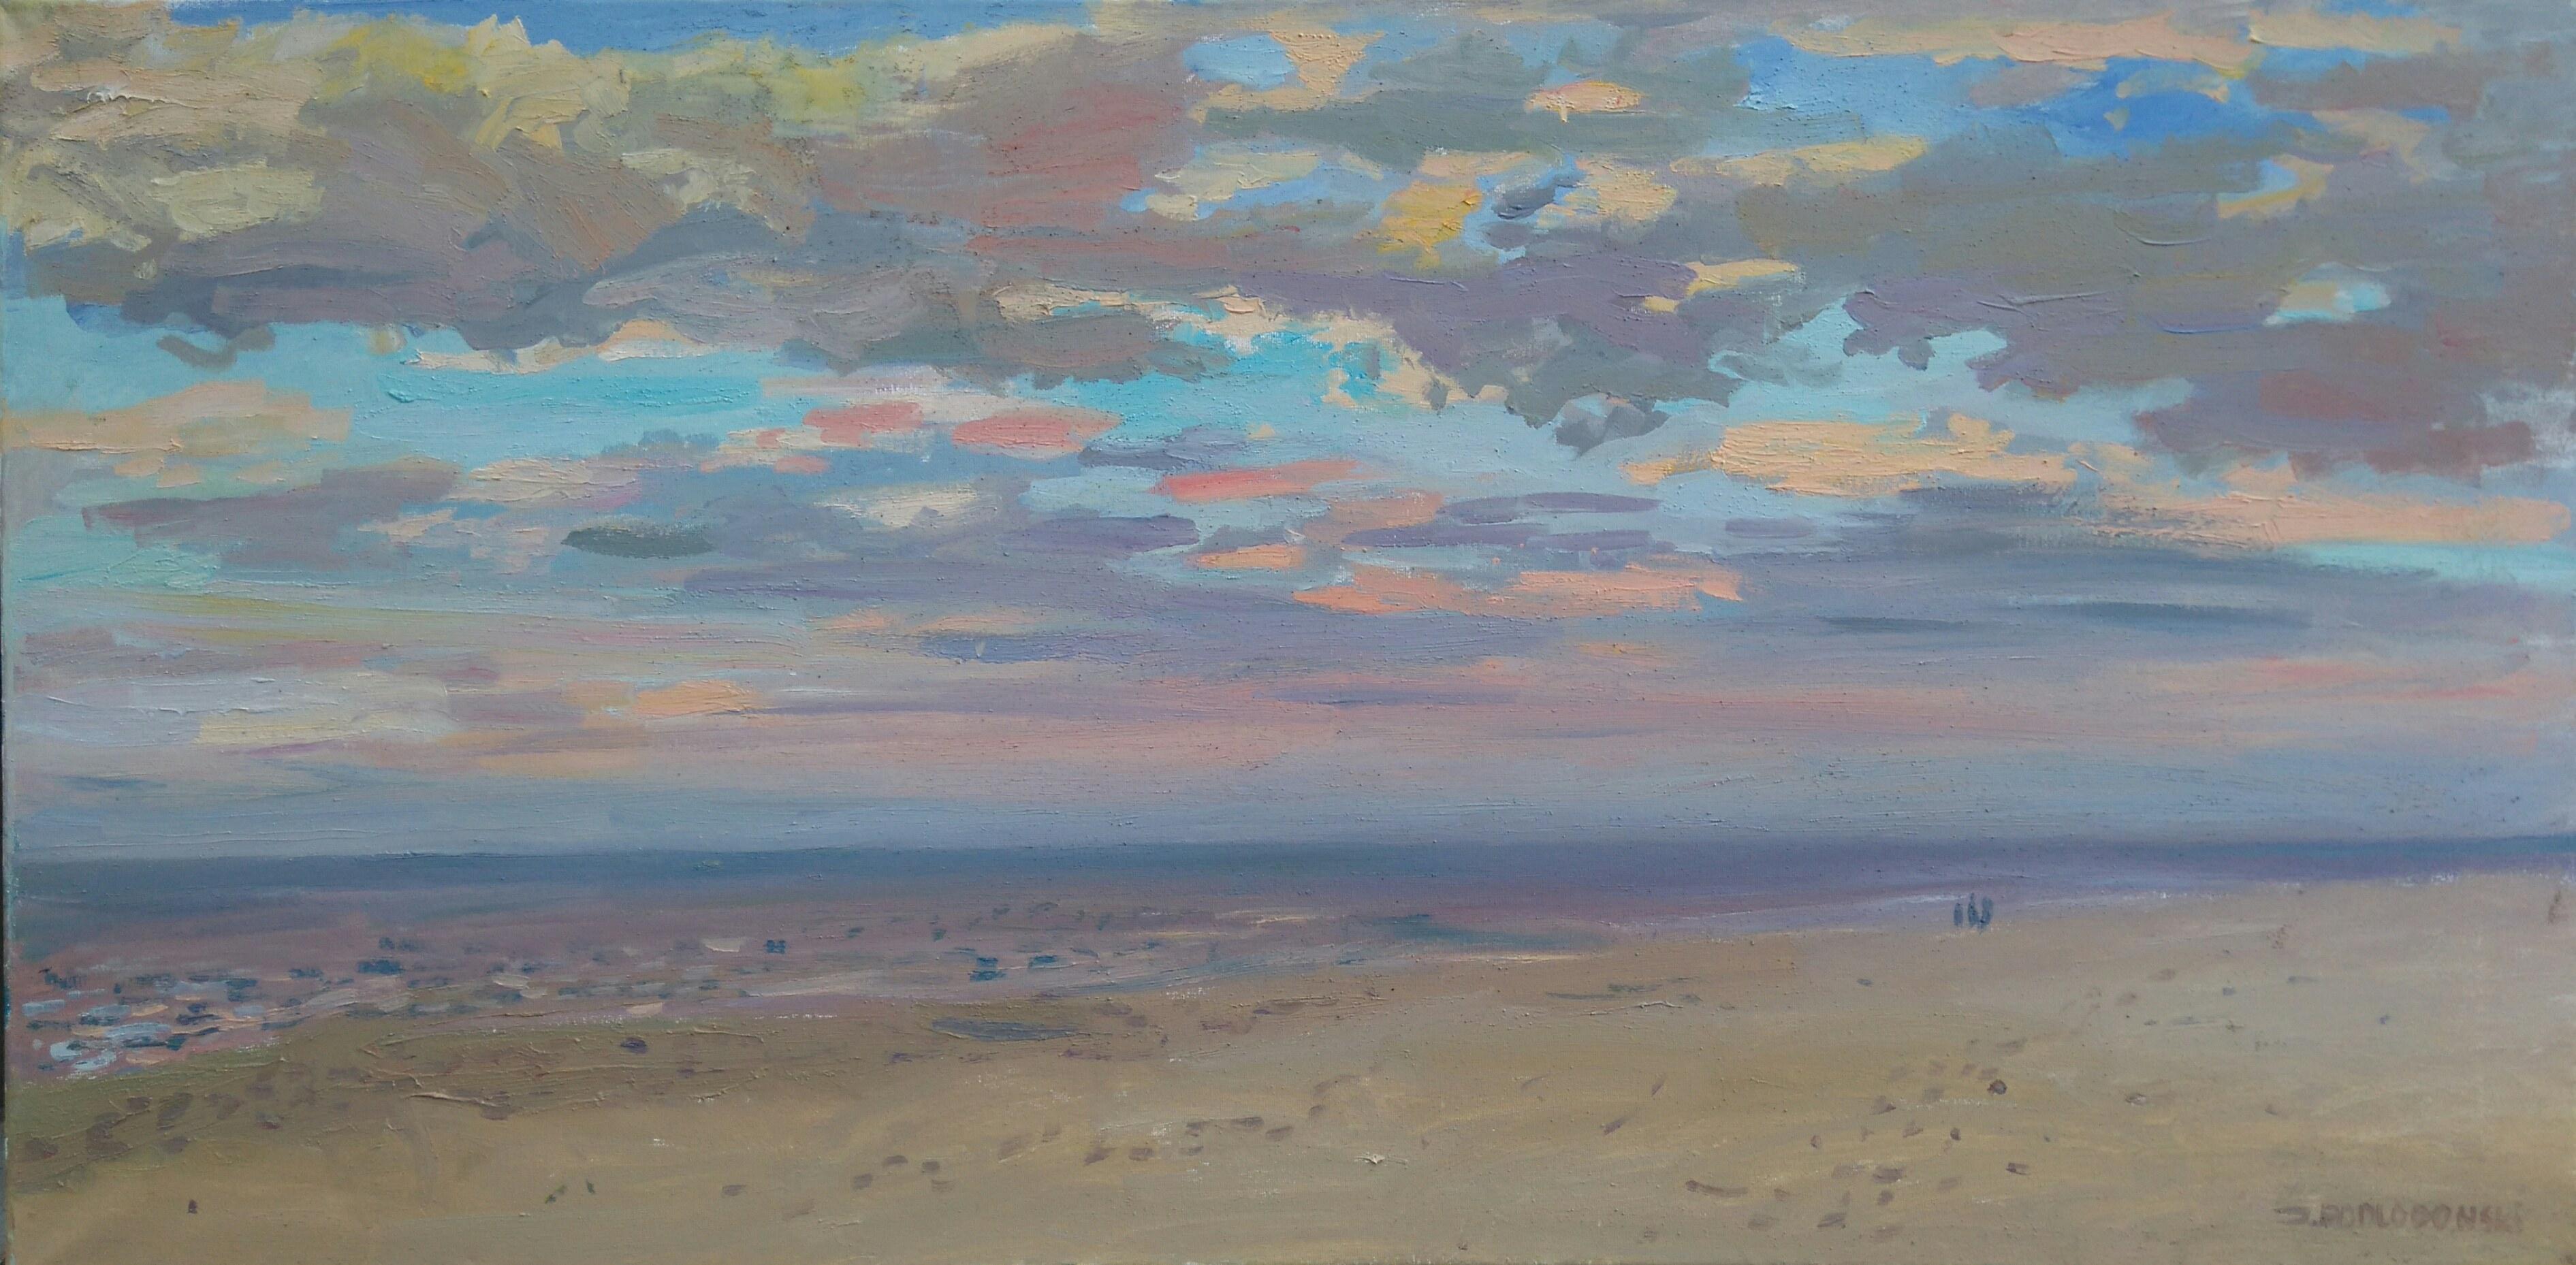 Jakub Podlodowski, Zachód słońca nad morzem